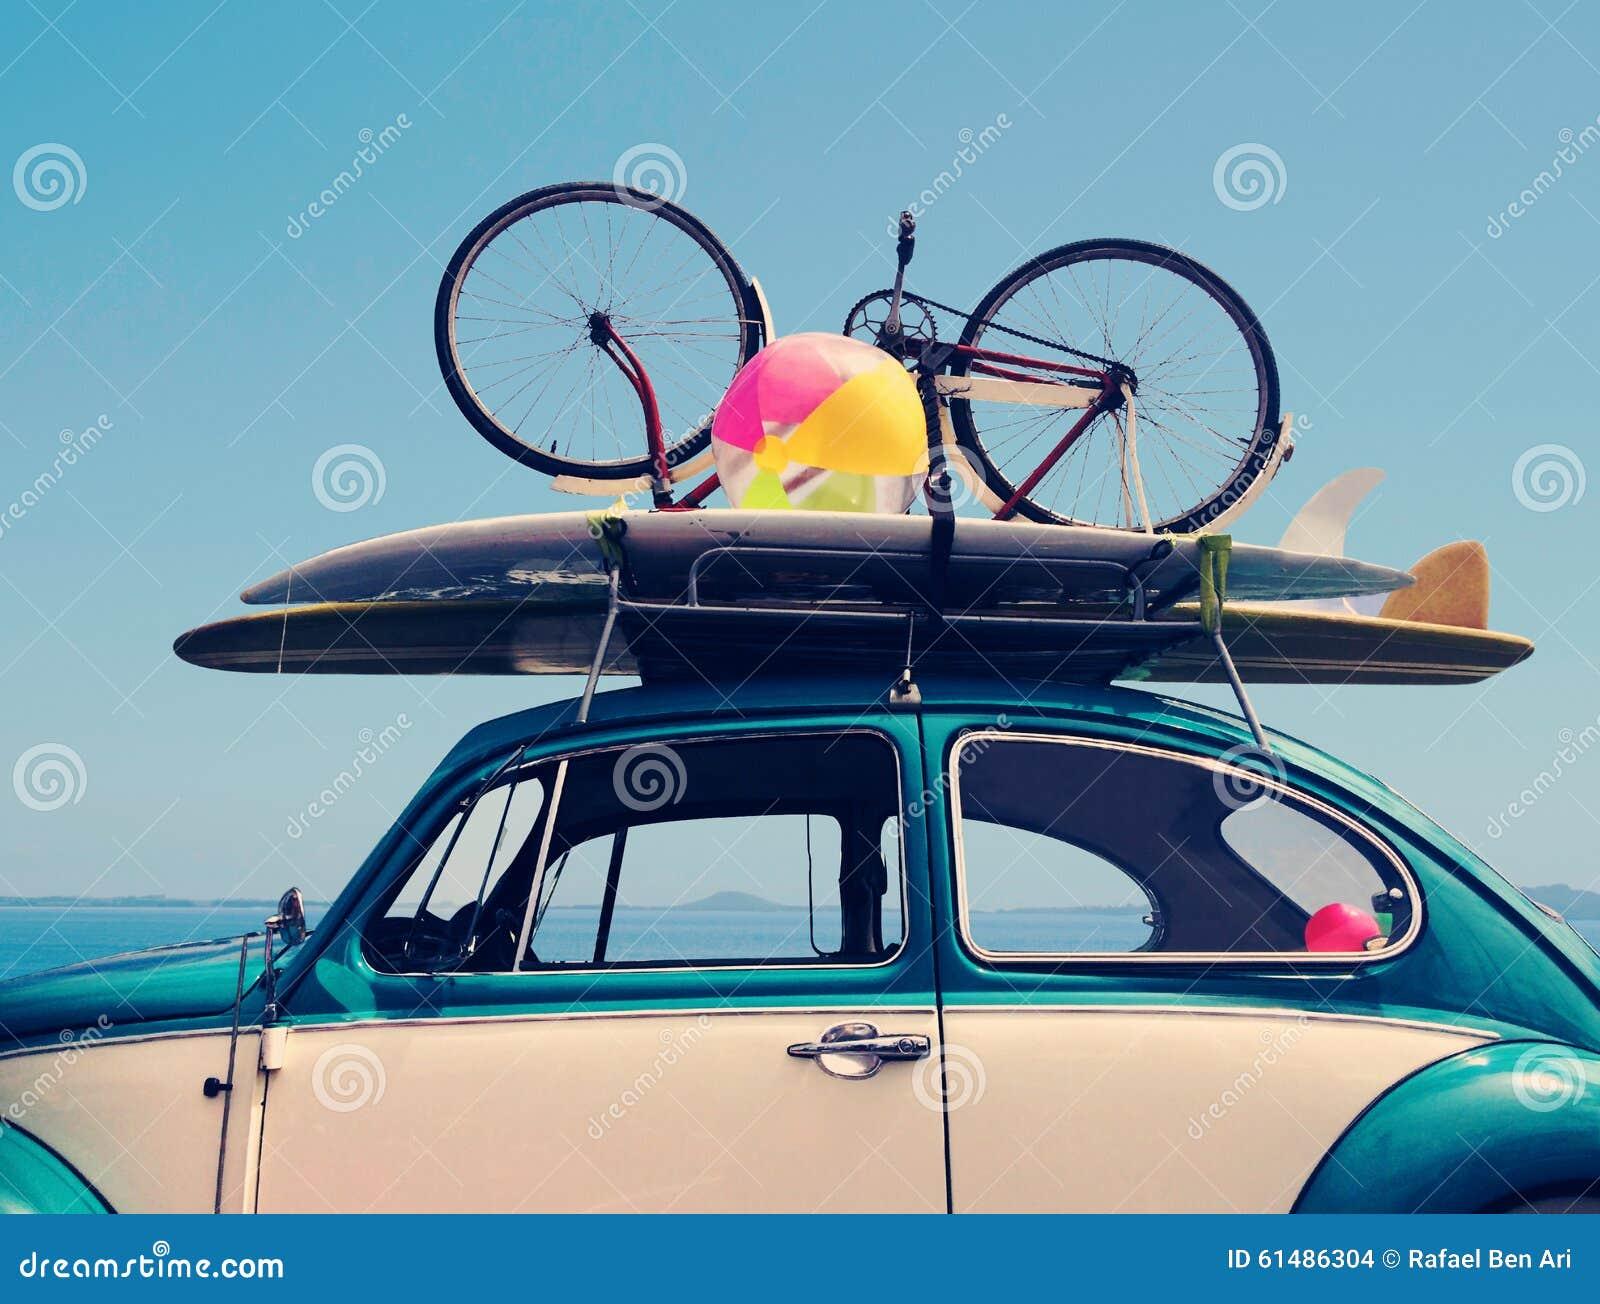 Εκλεκτής ποιότητας διακοπές οδικού ταξιδιού καλοκαιρινών διακοπών